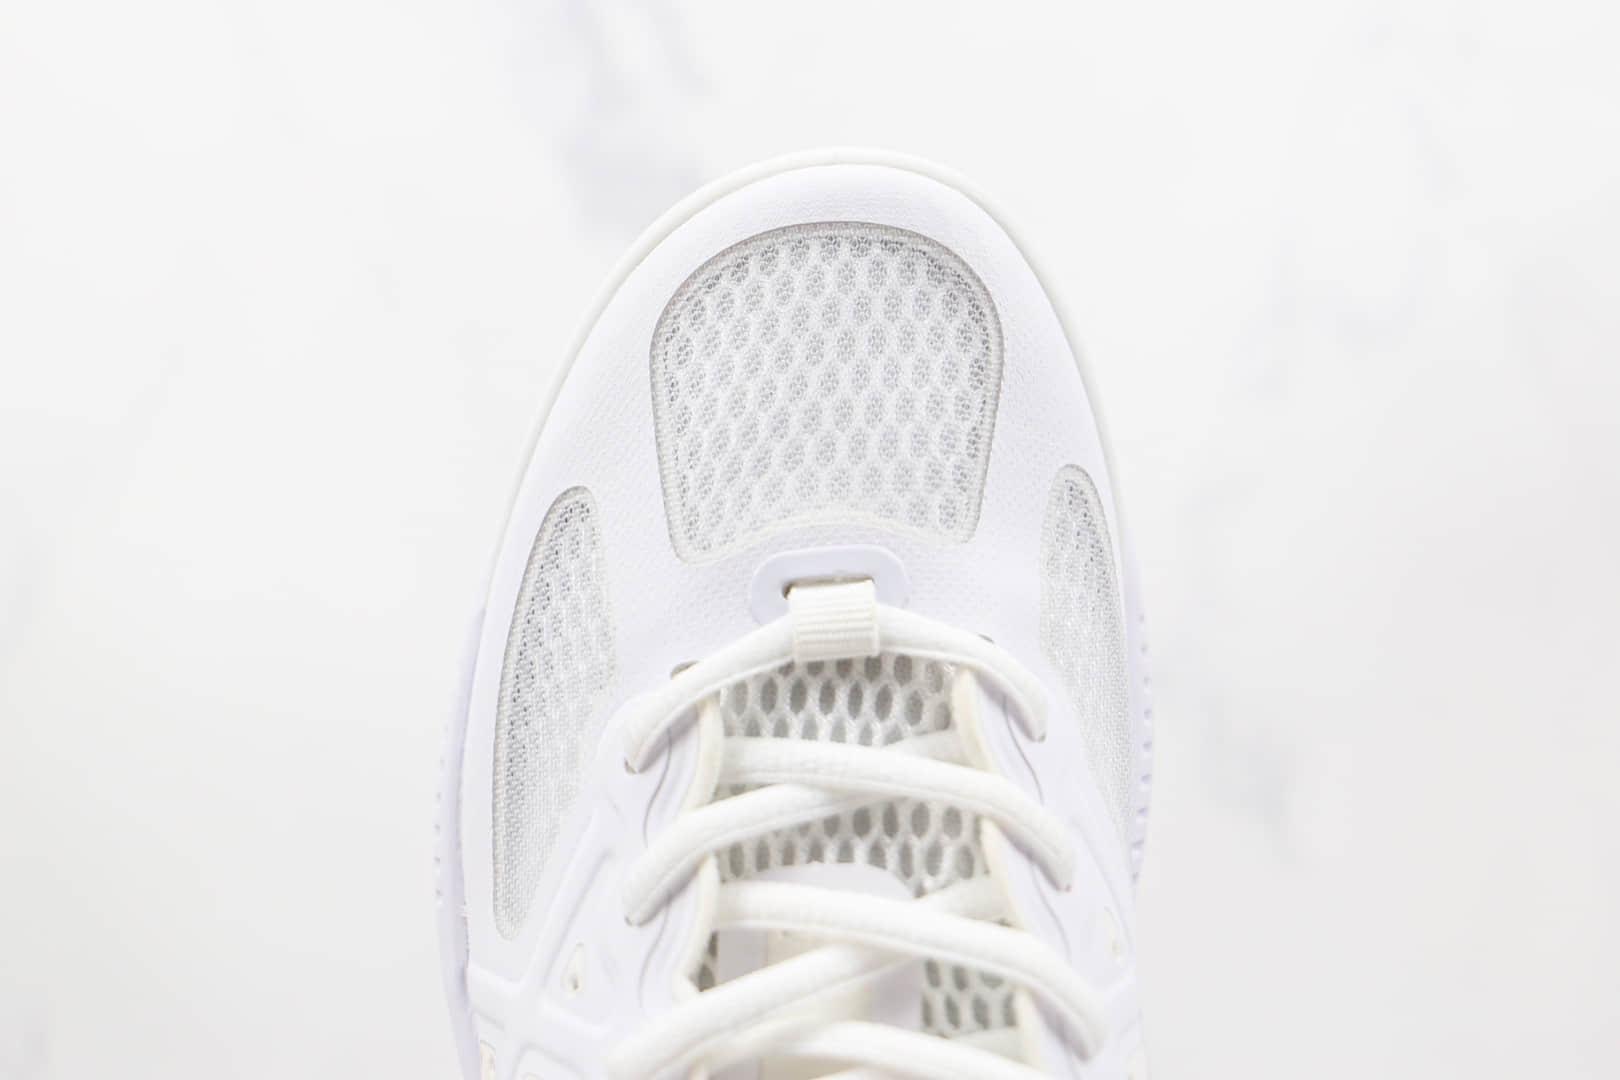 耐克Nike Air Max Genome纯原版本白粉色Genome气垫鞋原厂真气垫 货号:DJ1547-100